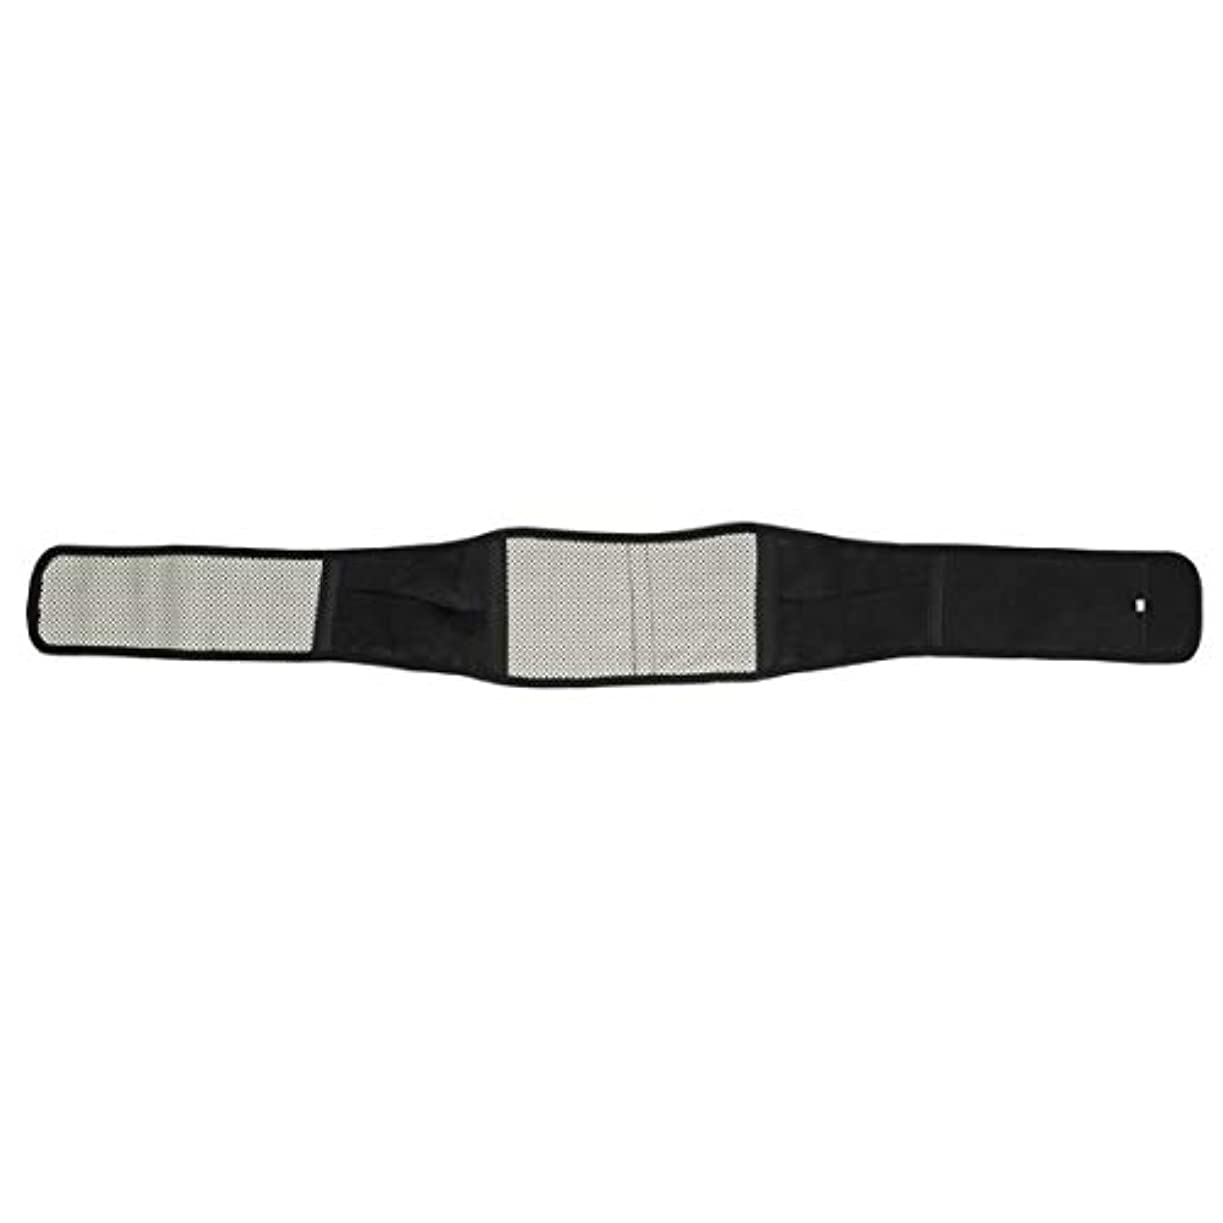 減衰読書眠っているintercorey脂肪燃焼ベルト腰椎サポート痛みマッサージャー赤外線磁気バックブレース自己発熱療法ウエストベルト調整可能な姿勢ベルト